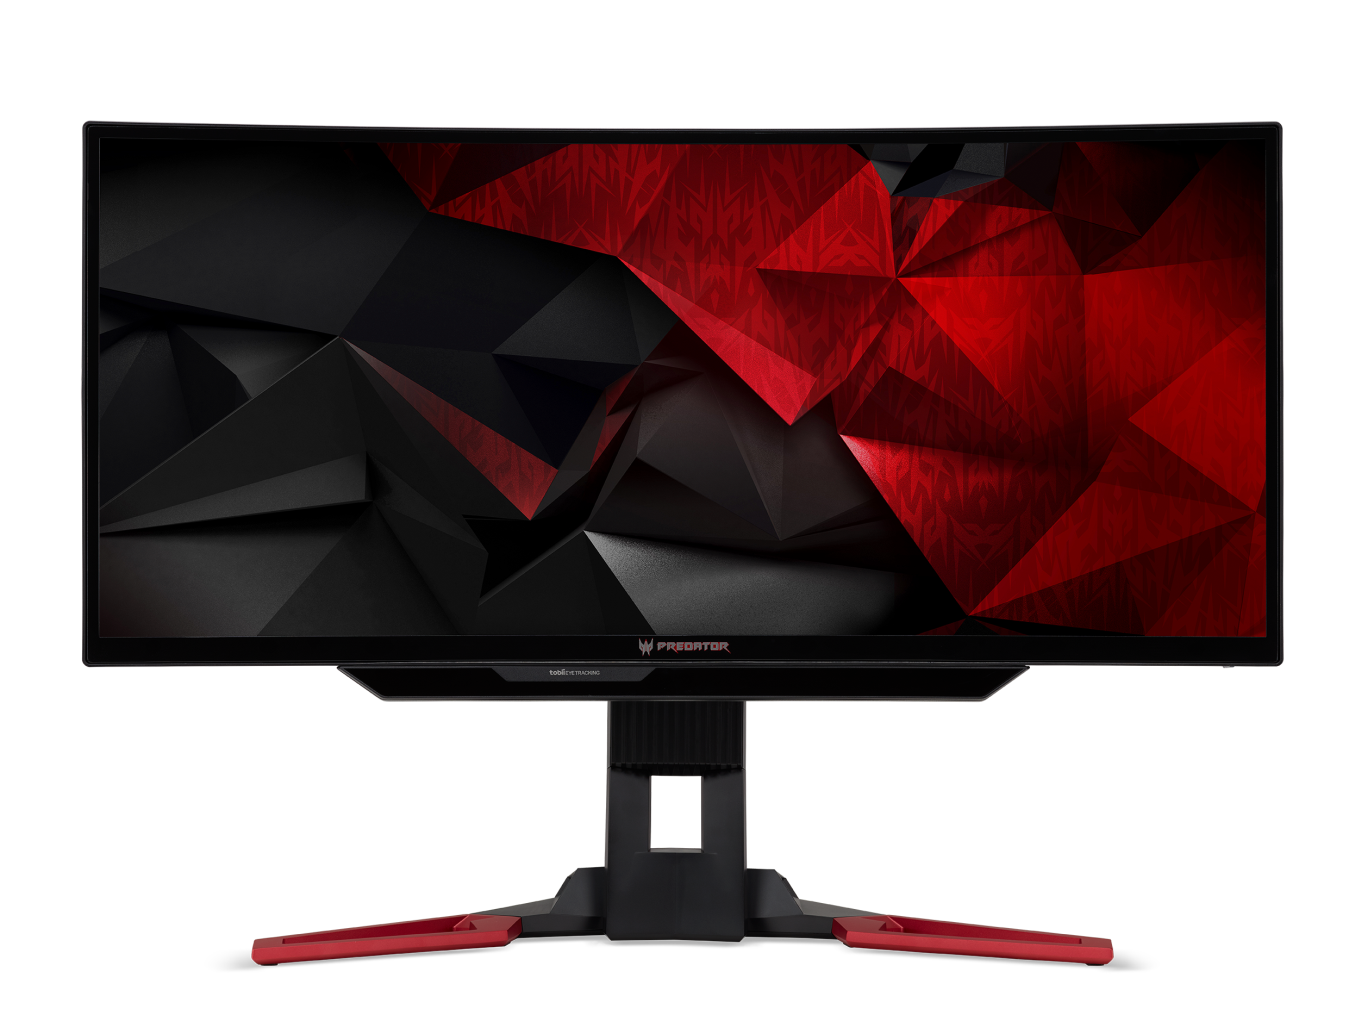 Acer LCD Predator Z301CTbmiphzx EyeTrack 29,5'' VA LED Curved /2560x1080/100M:1/4ms/300nits/HDMI 2.0, DP, USB3.0 Hub/repro/Black